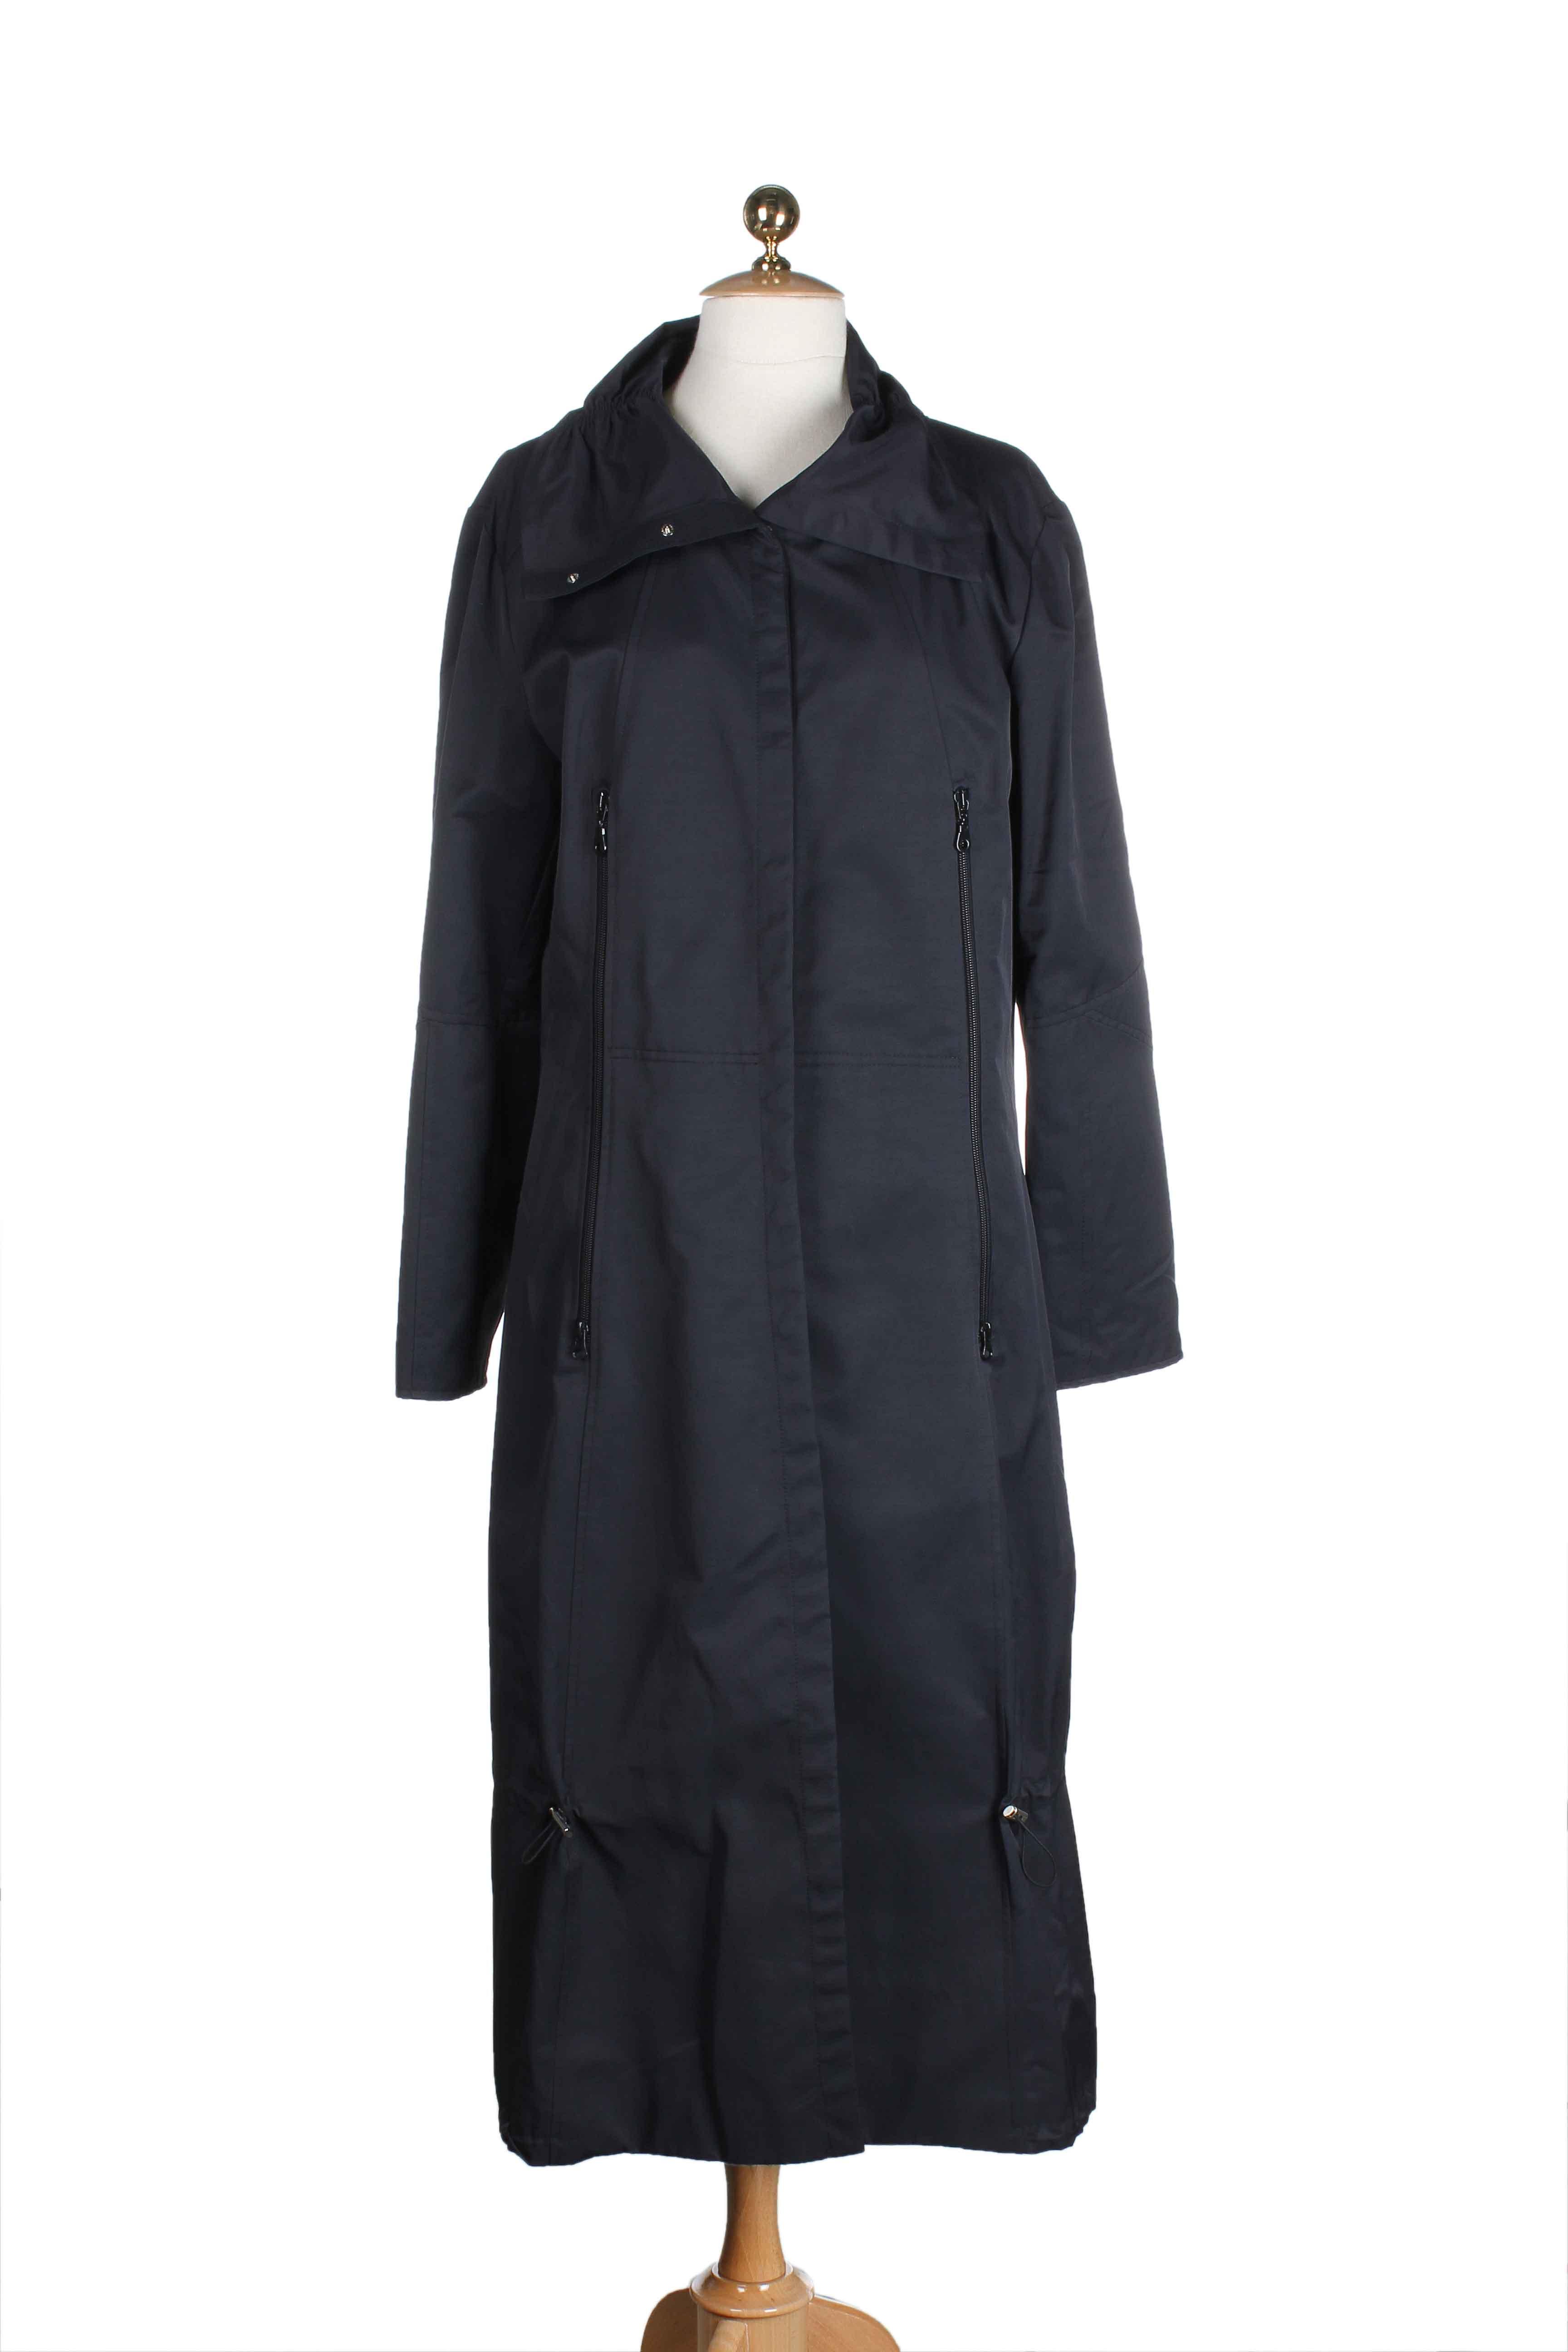 En Pas De Manteaux Couleur Collection Noir00 213895 Longs Motys Modz Noir Soldes Cher fybv76gY